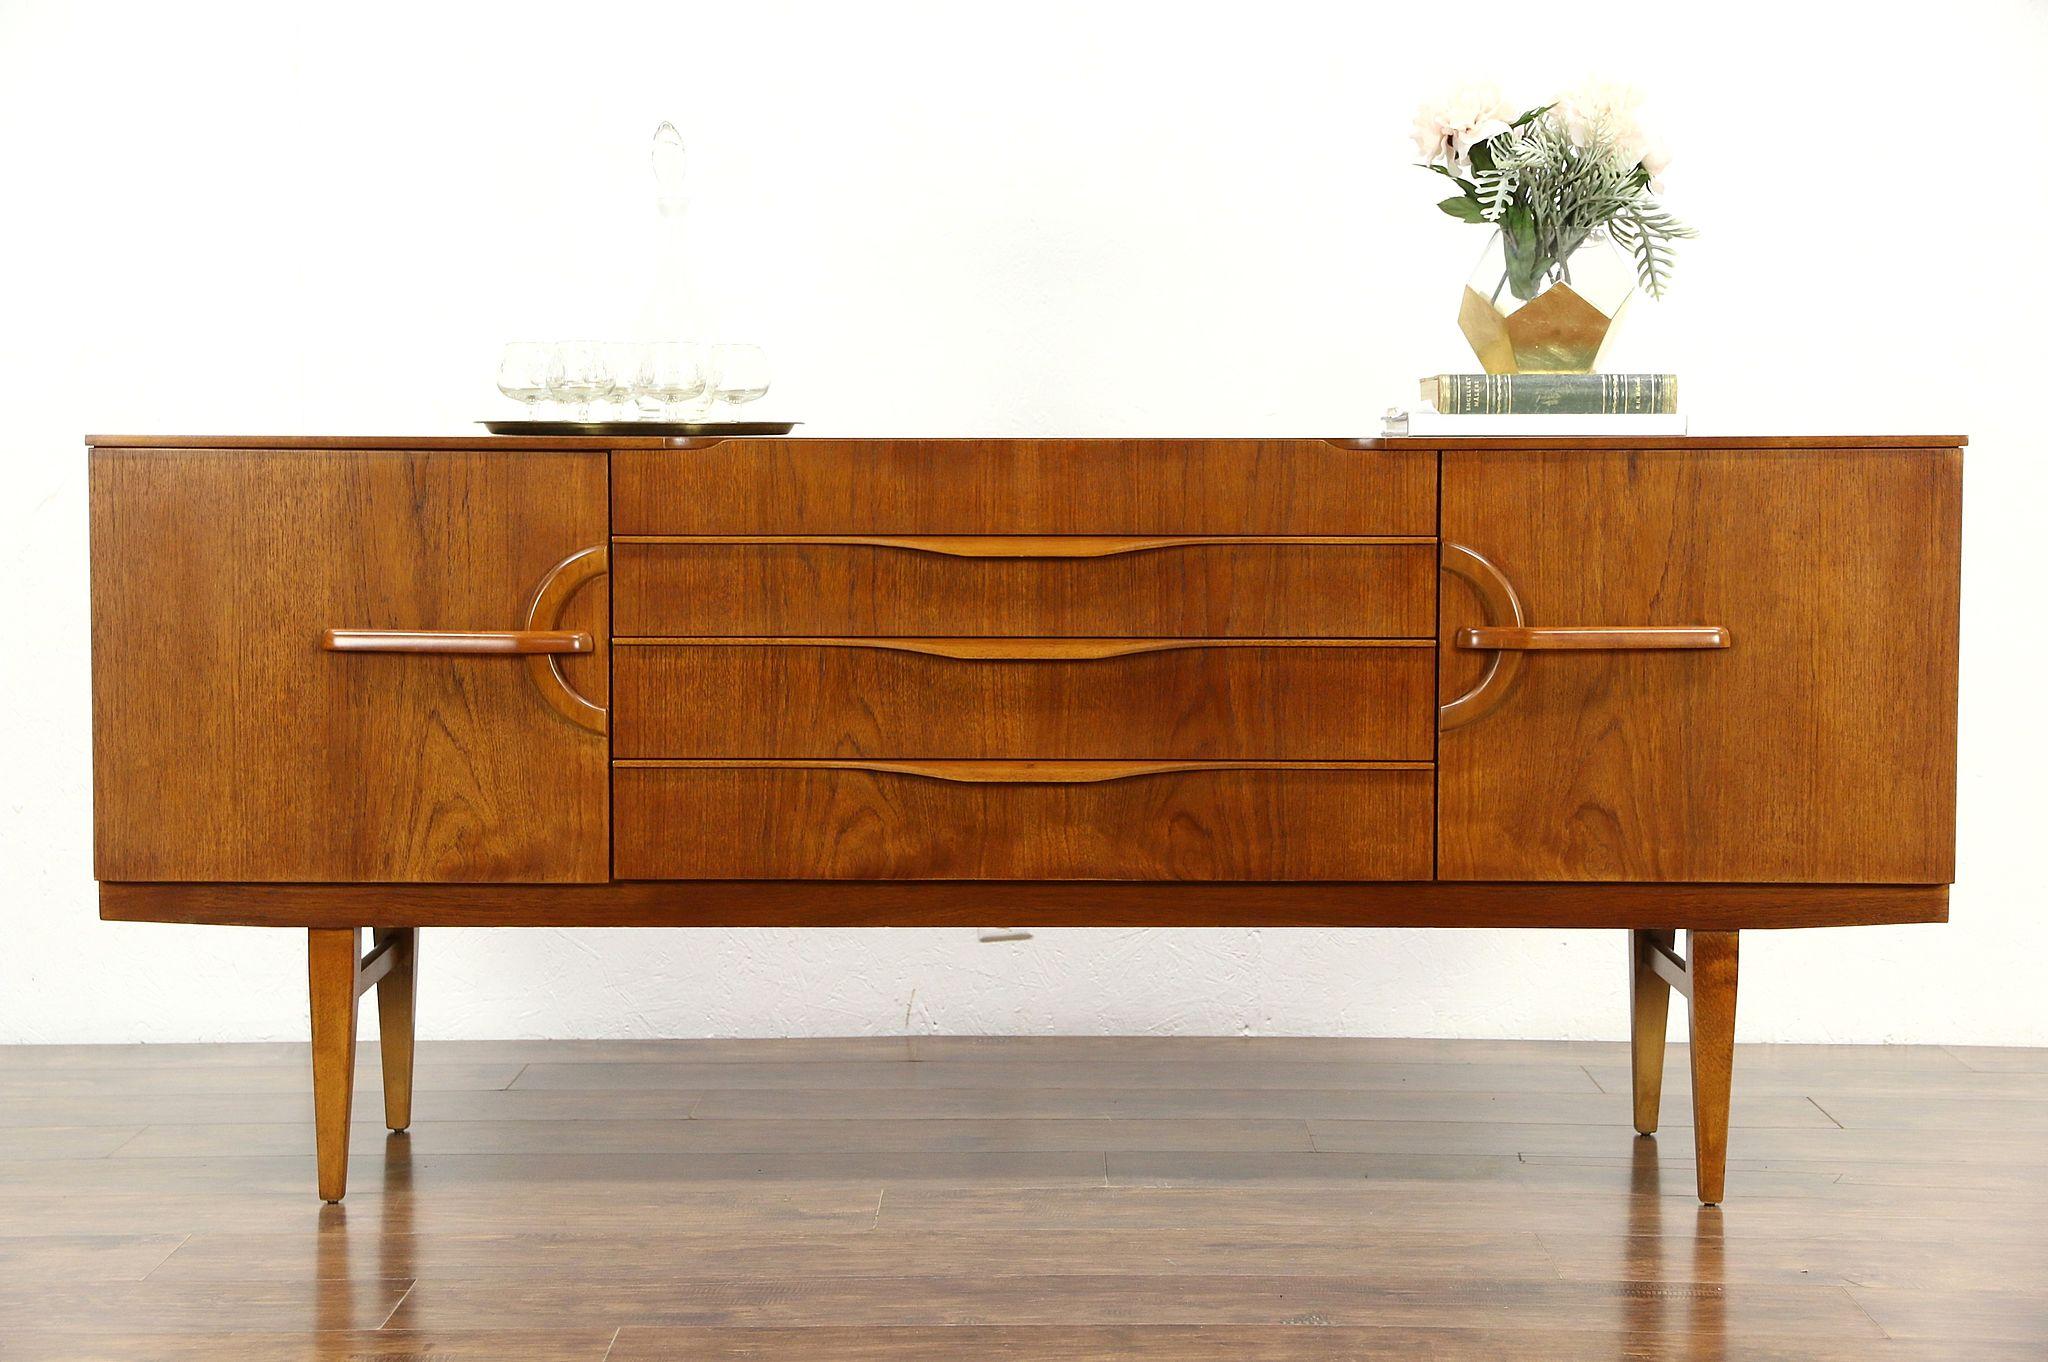 Vintage Möbel Günstig Deptiscom gt Inspirierendes Design 2151107 ...